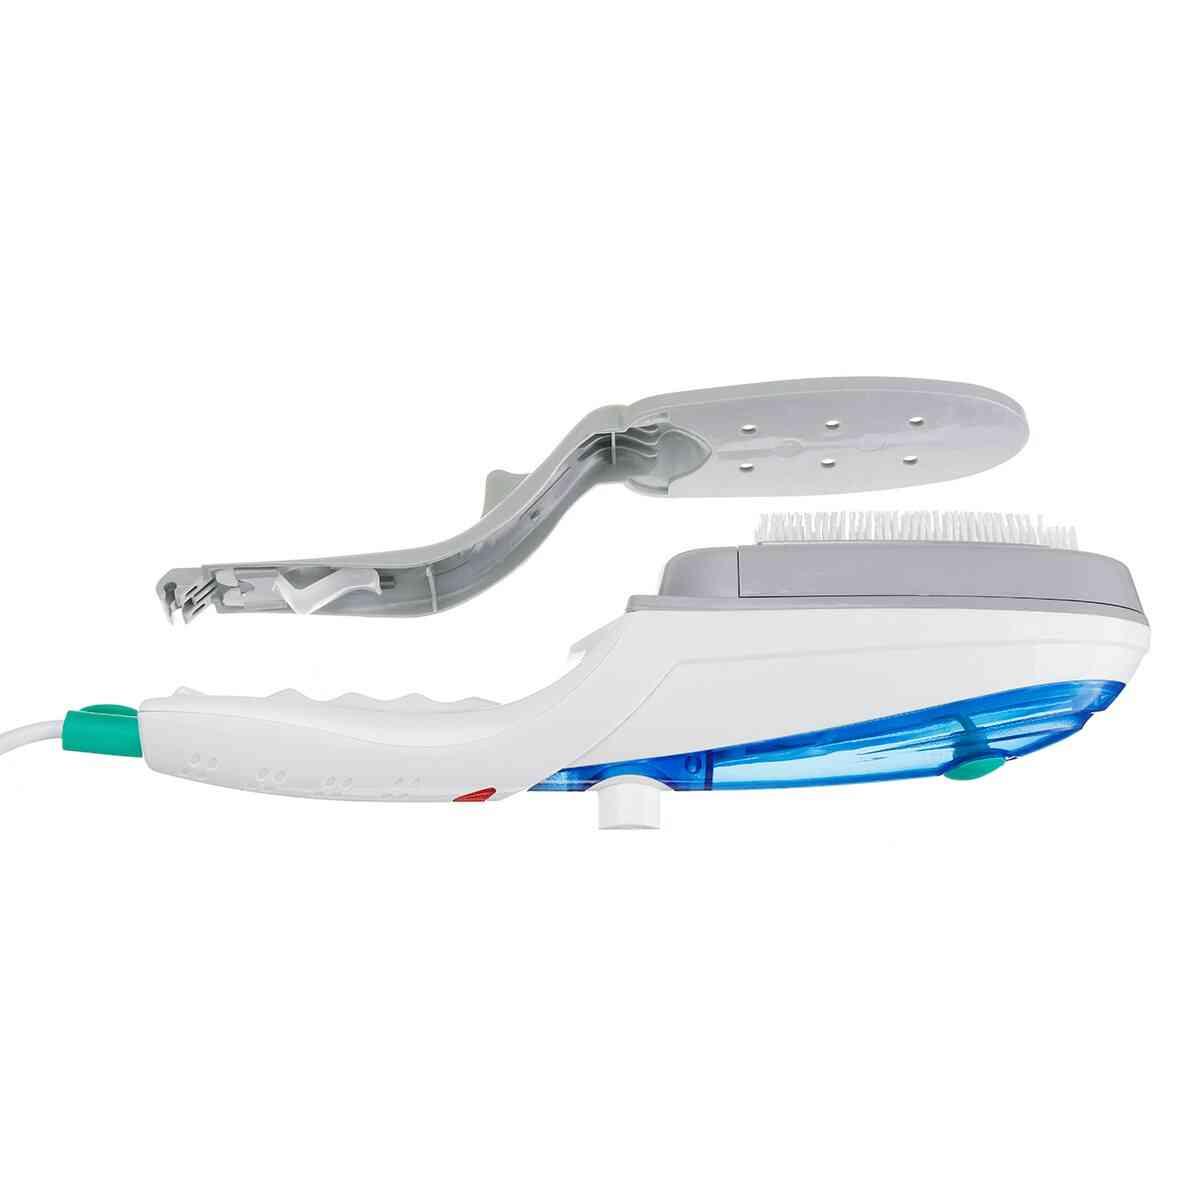 1000w Handheld Garment Steamer Brush